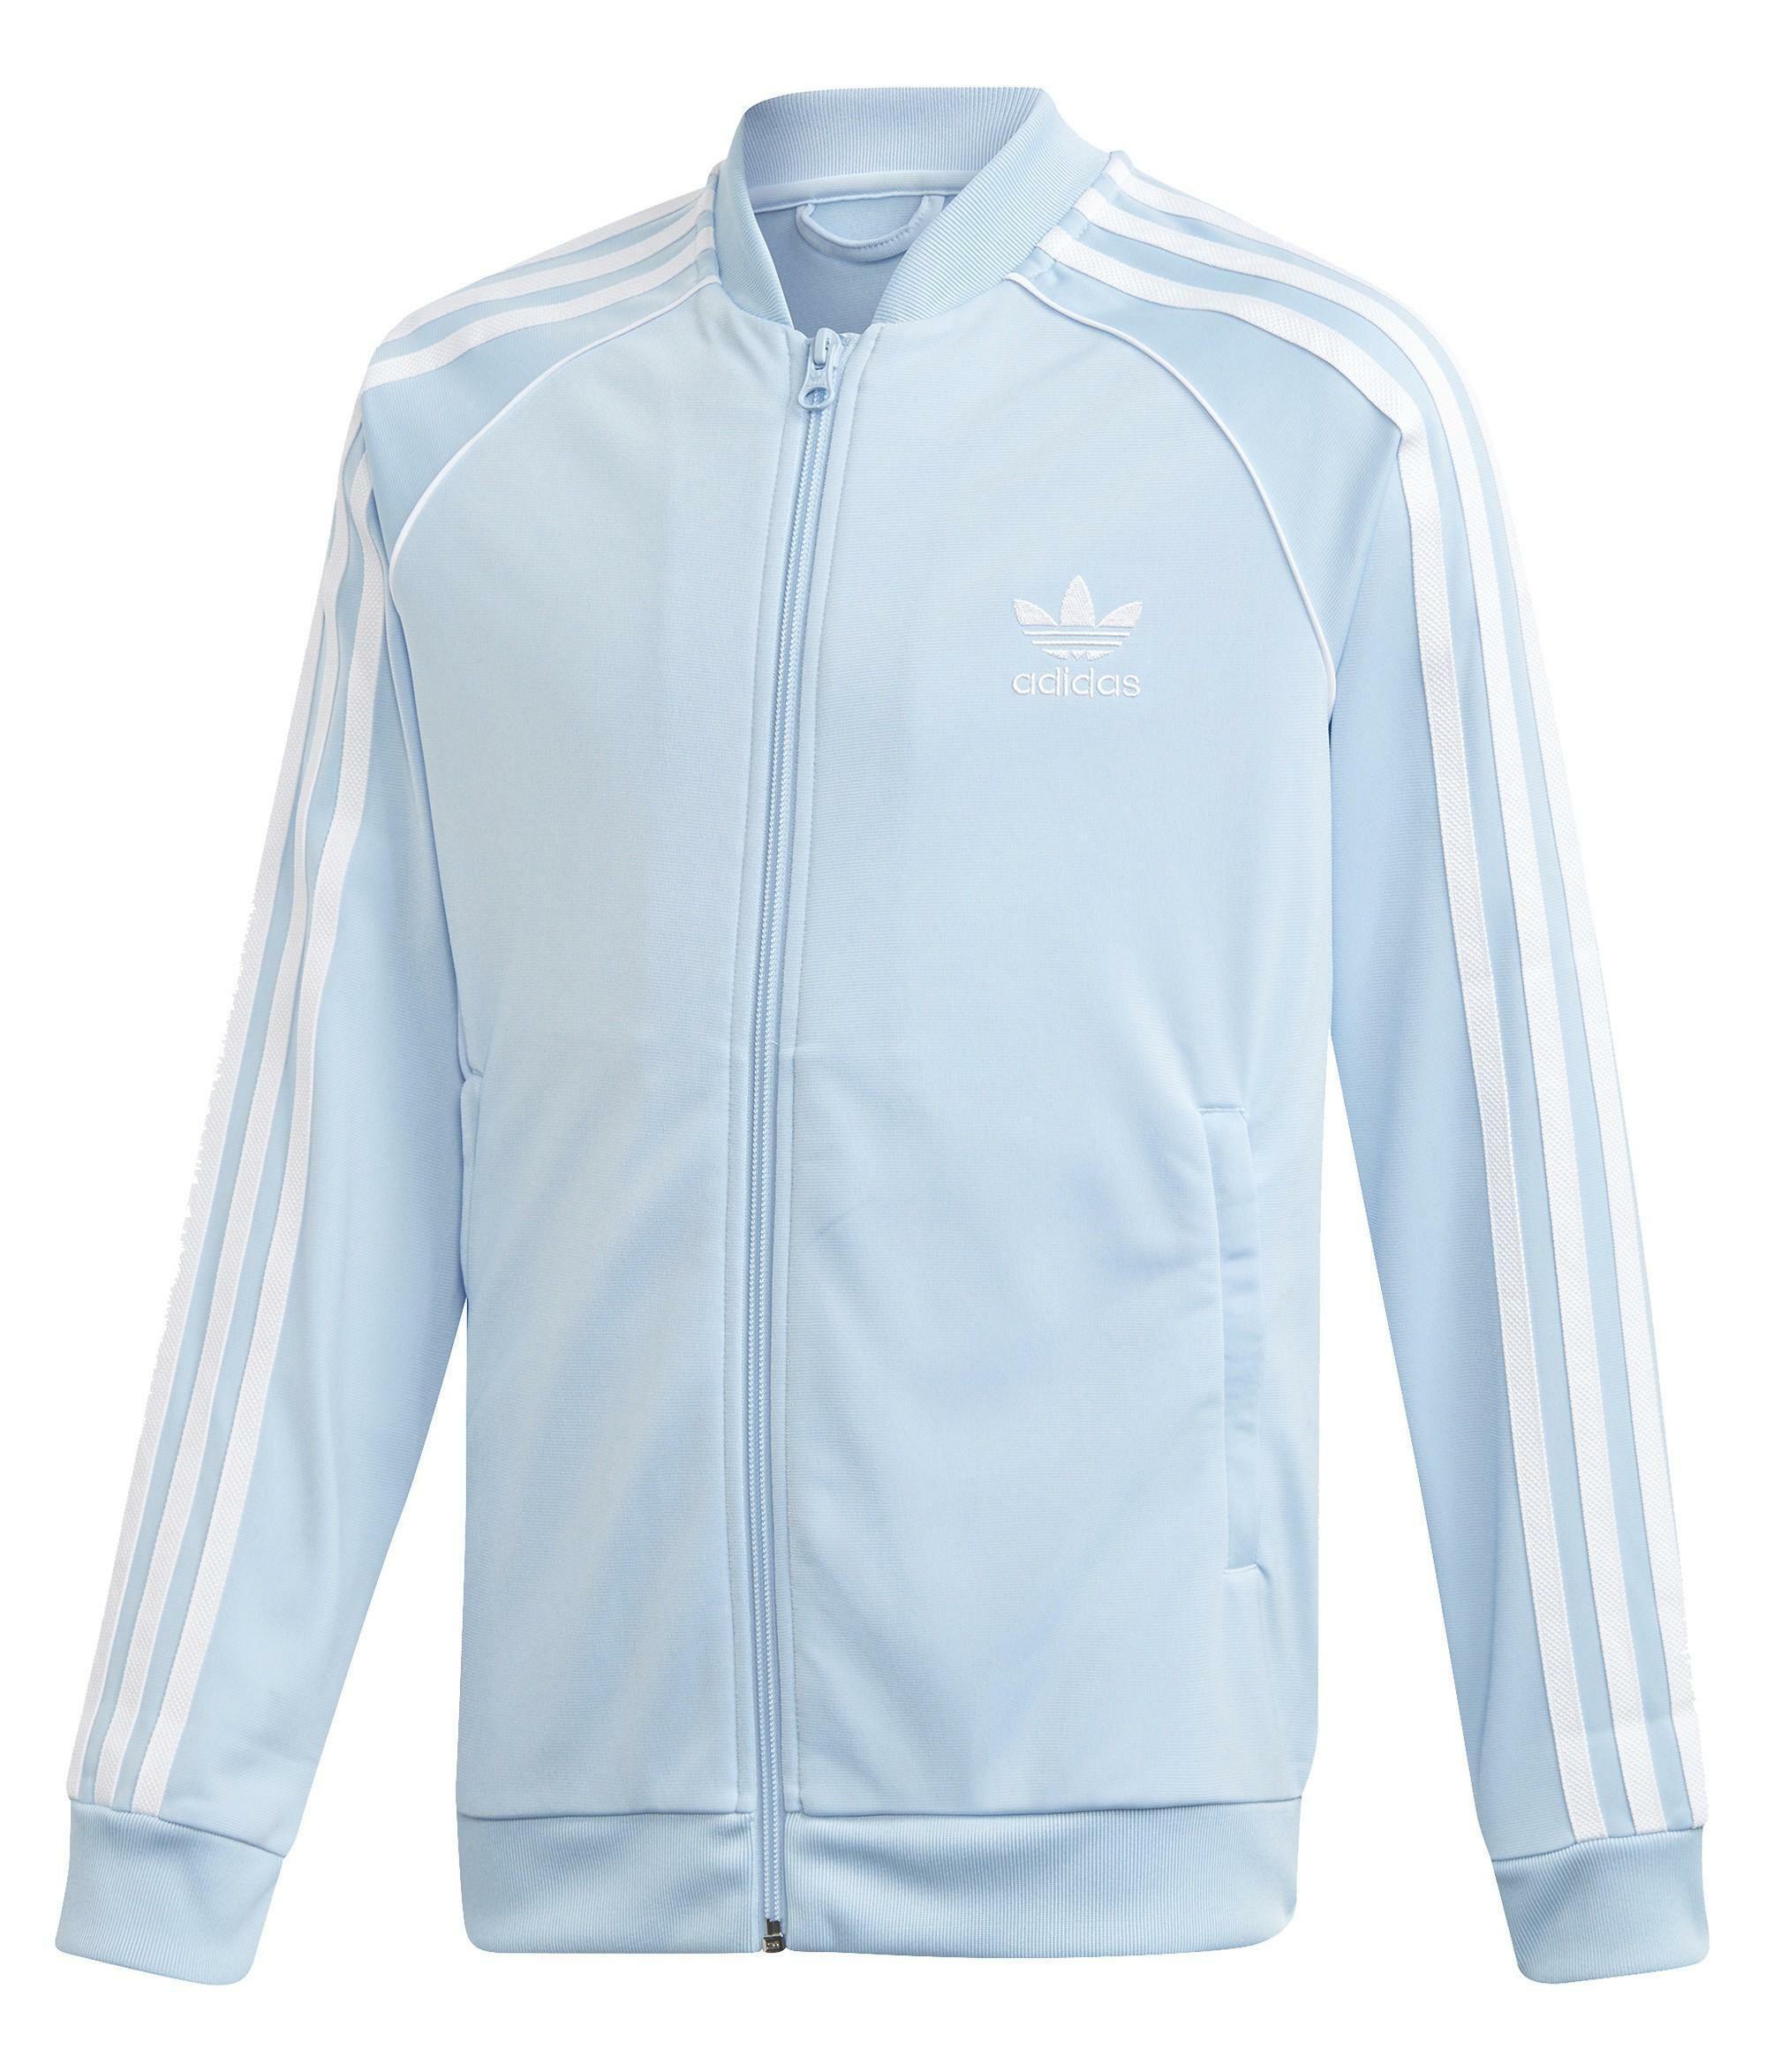 adidas superstar top giacchetto bambino celeste dw5190